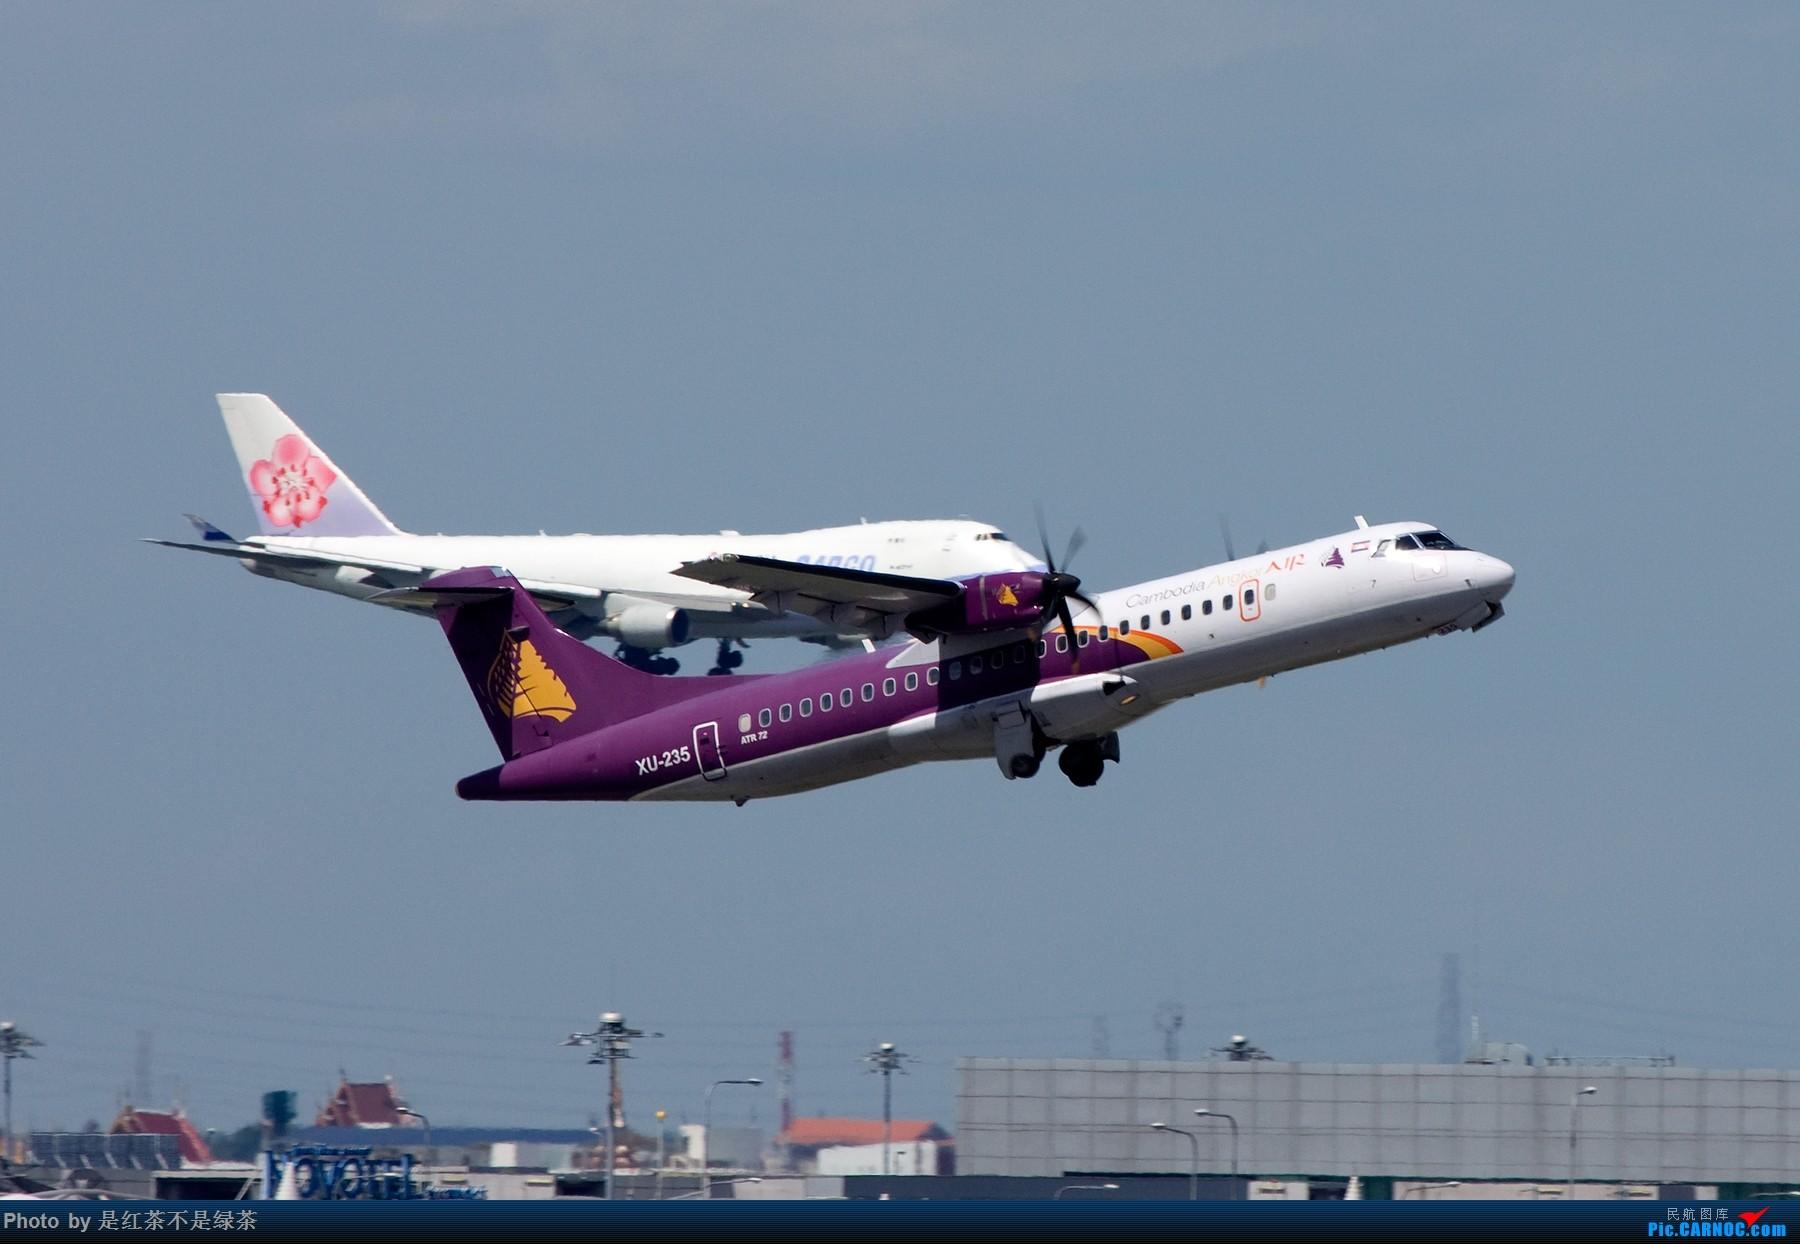 Re:[原创]【红茶拍机】端午曼谷拍机,先选几个角度,后续还有更多好货。 ATR-72 XU-235 泰国曼谷(素万那普)机场